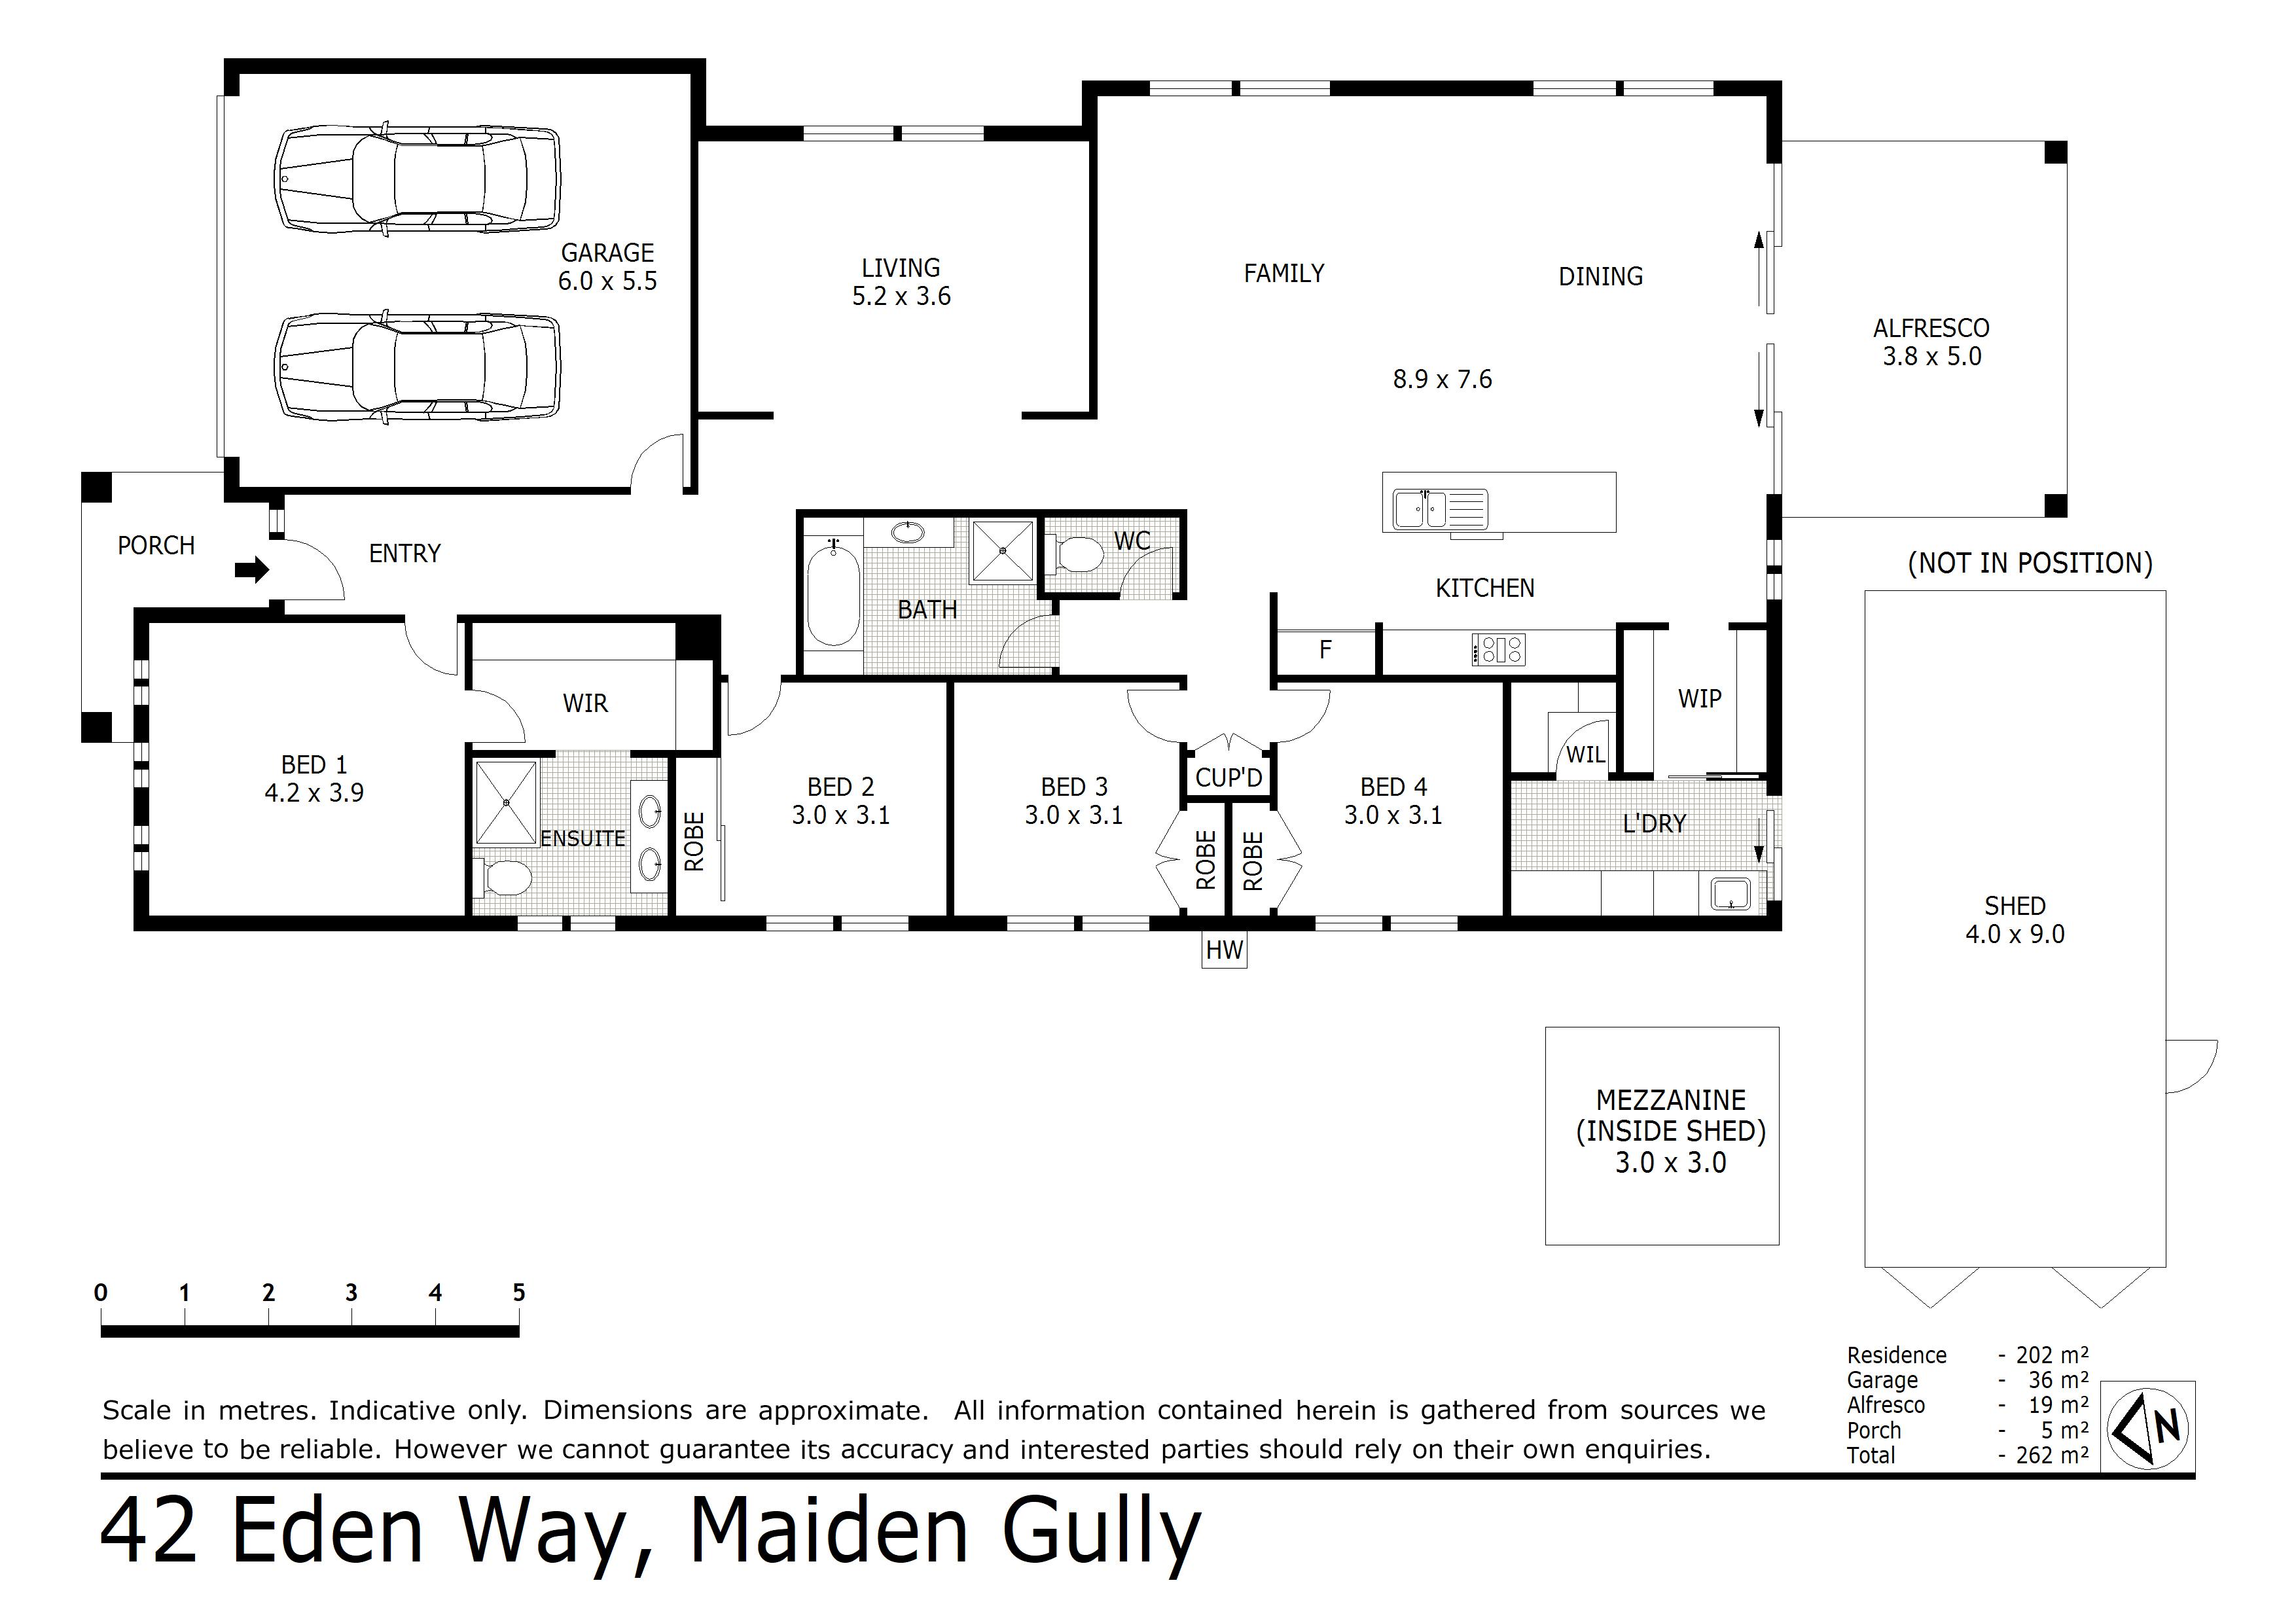 42 Eden Way, Maiden Gully, VIC 3551